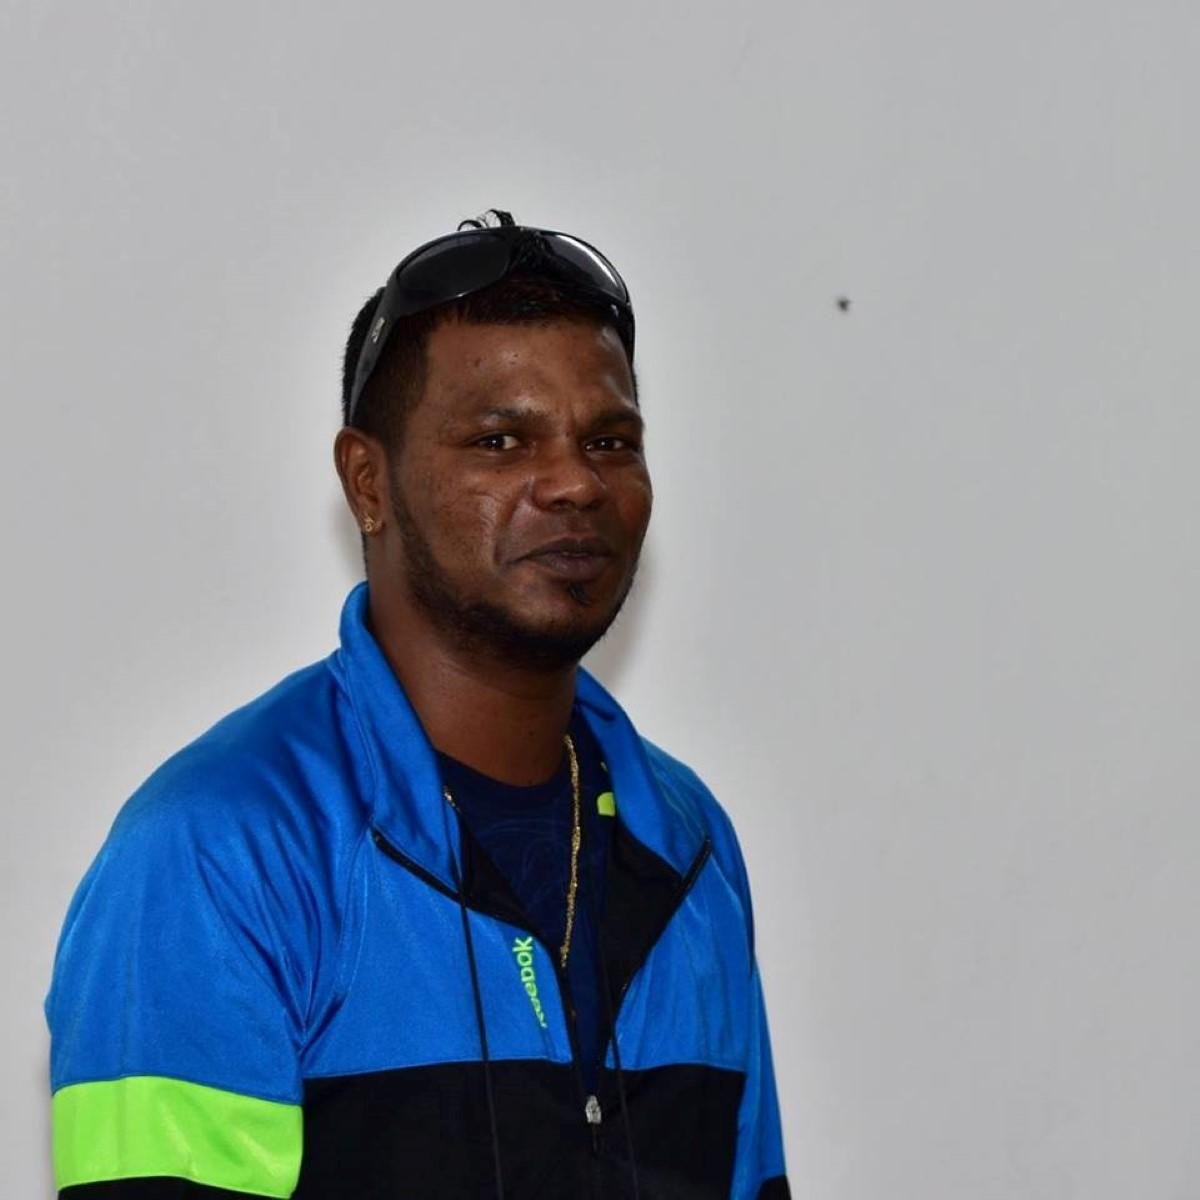 L'ex-champion Mervin Aza condamnés pour séquestration et agression